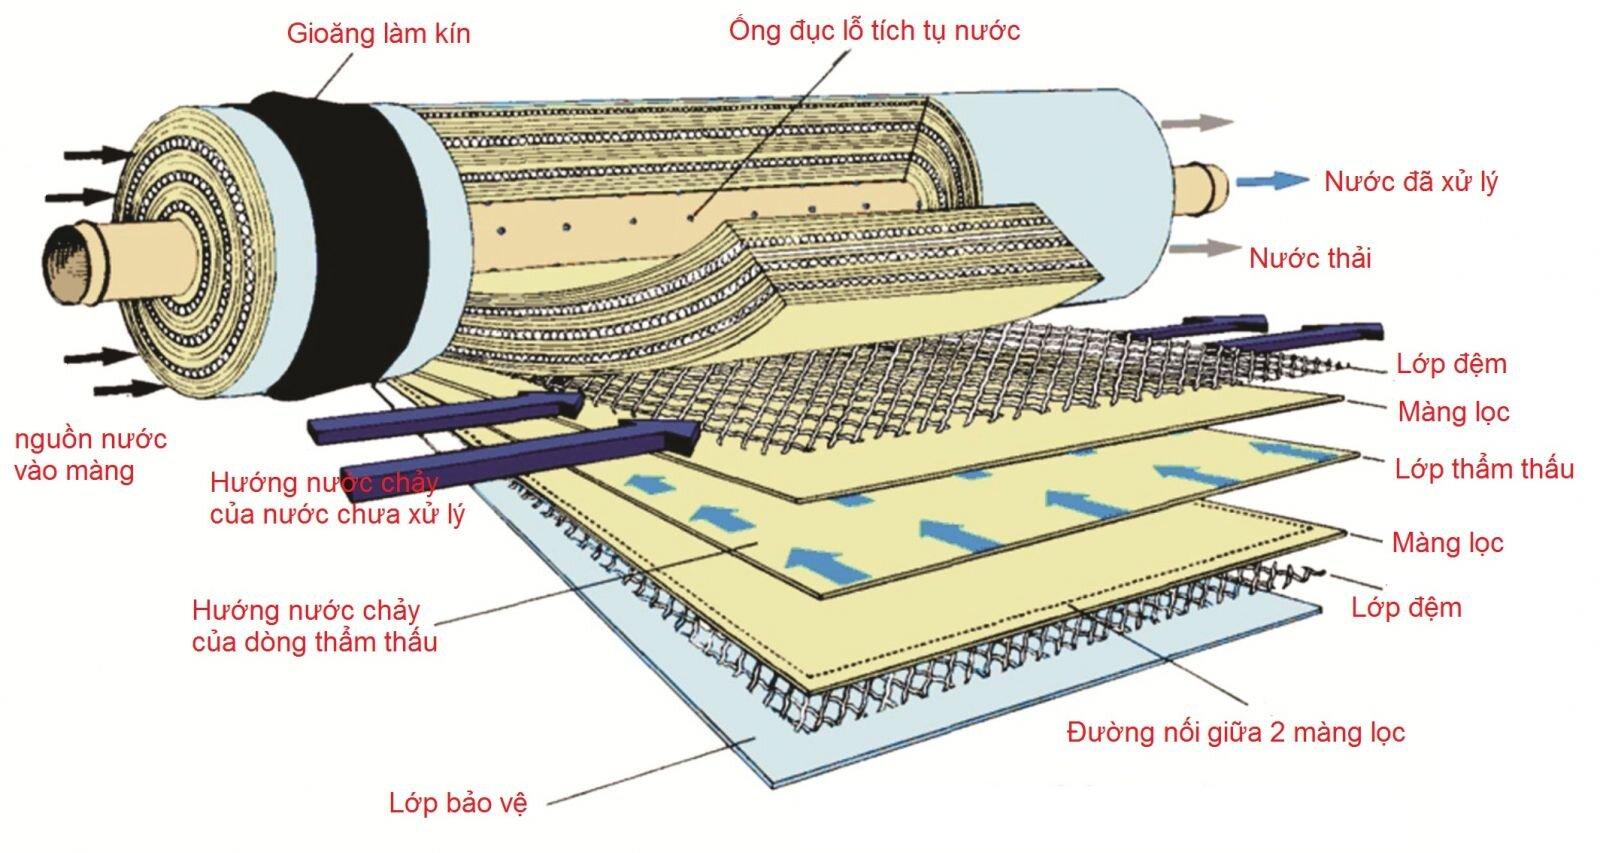 Thay lõi nước RO đúng thời gian quy định để đảm bảo chất lượng nước